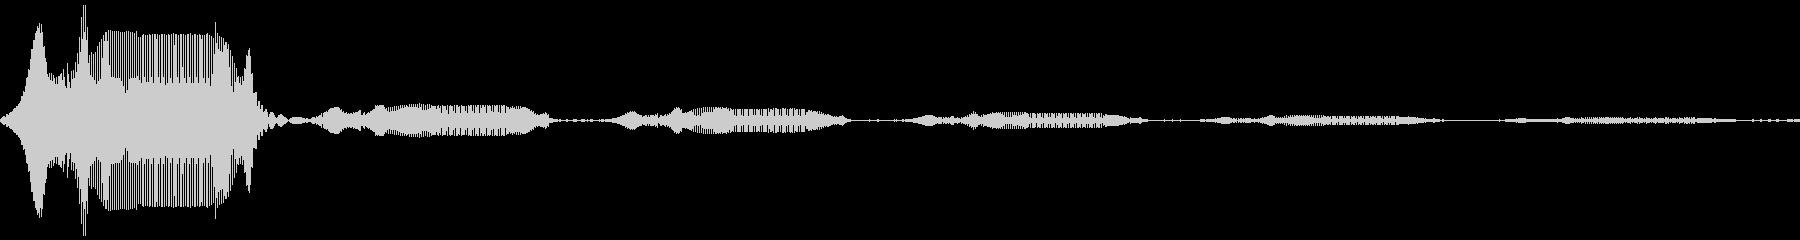 アナログFX 1の未再生の波形